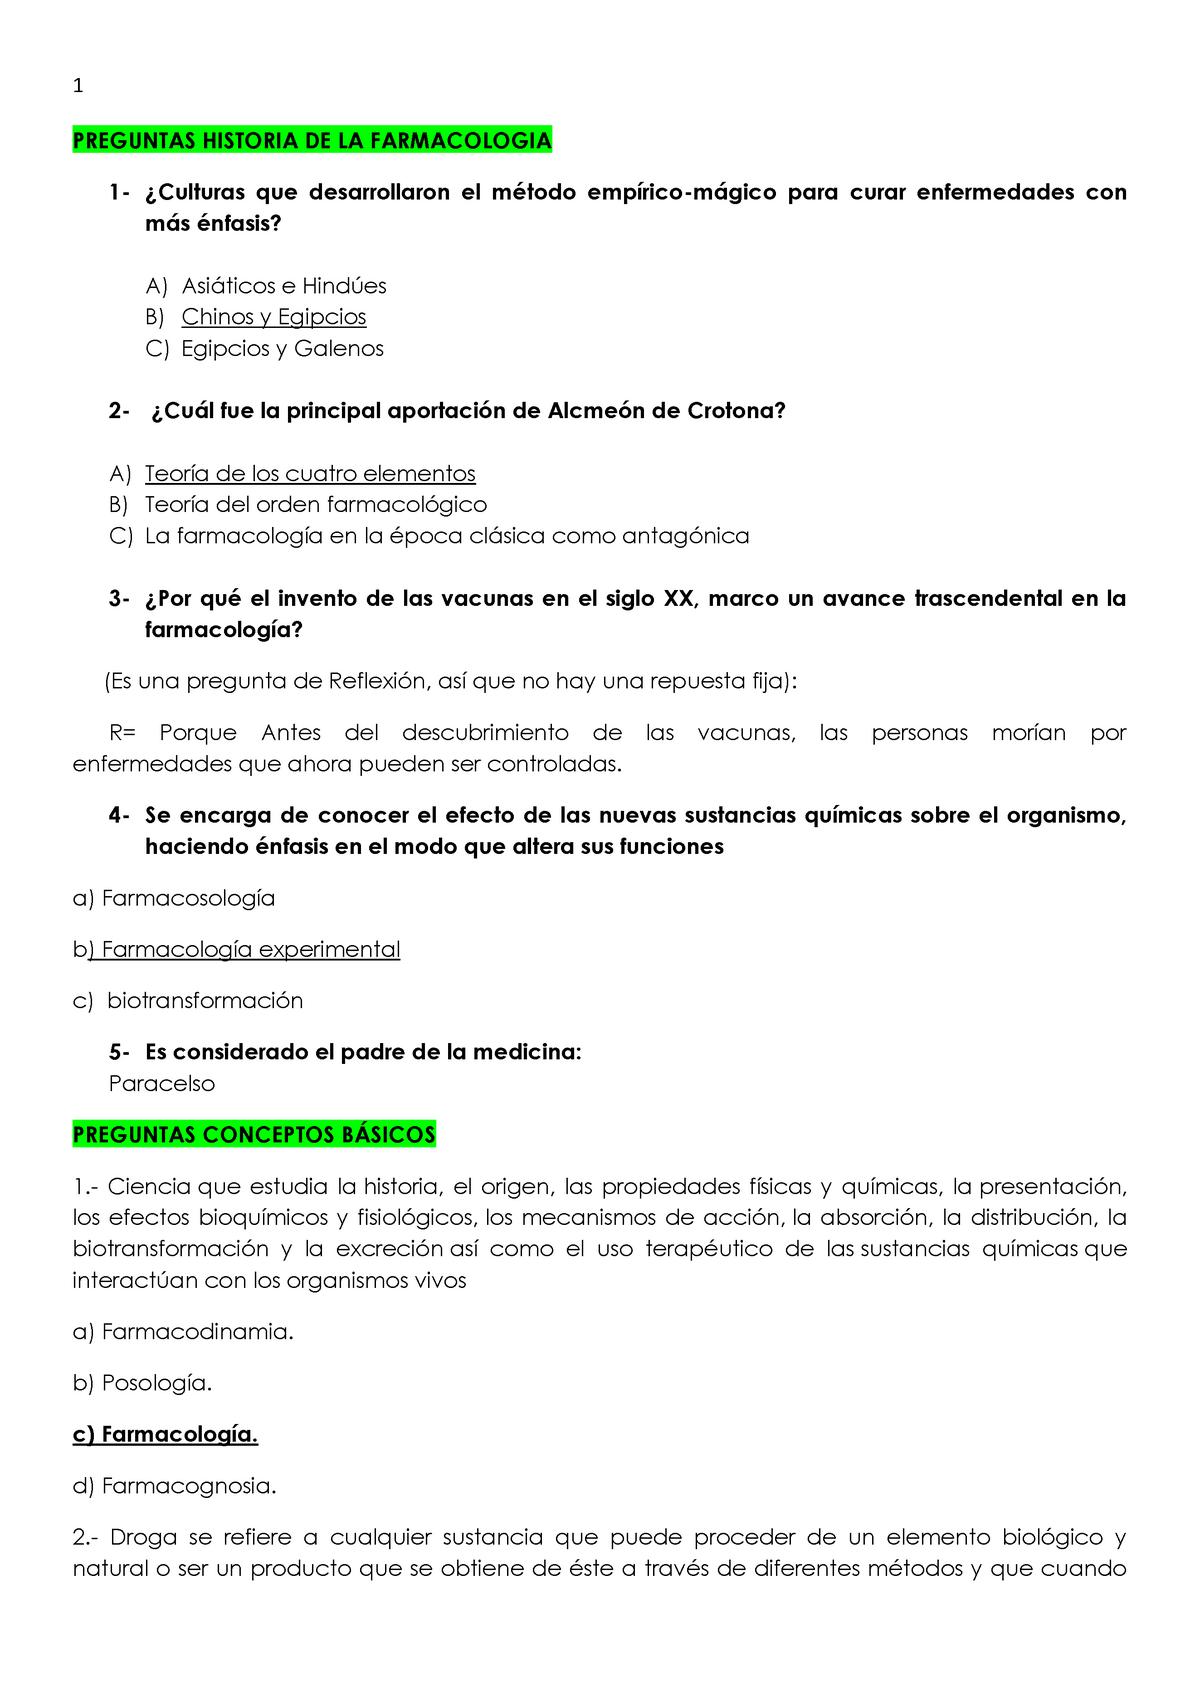 Banco De Preguntas Con Respuestas De La Materia De Farmacologia Basica Studocu